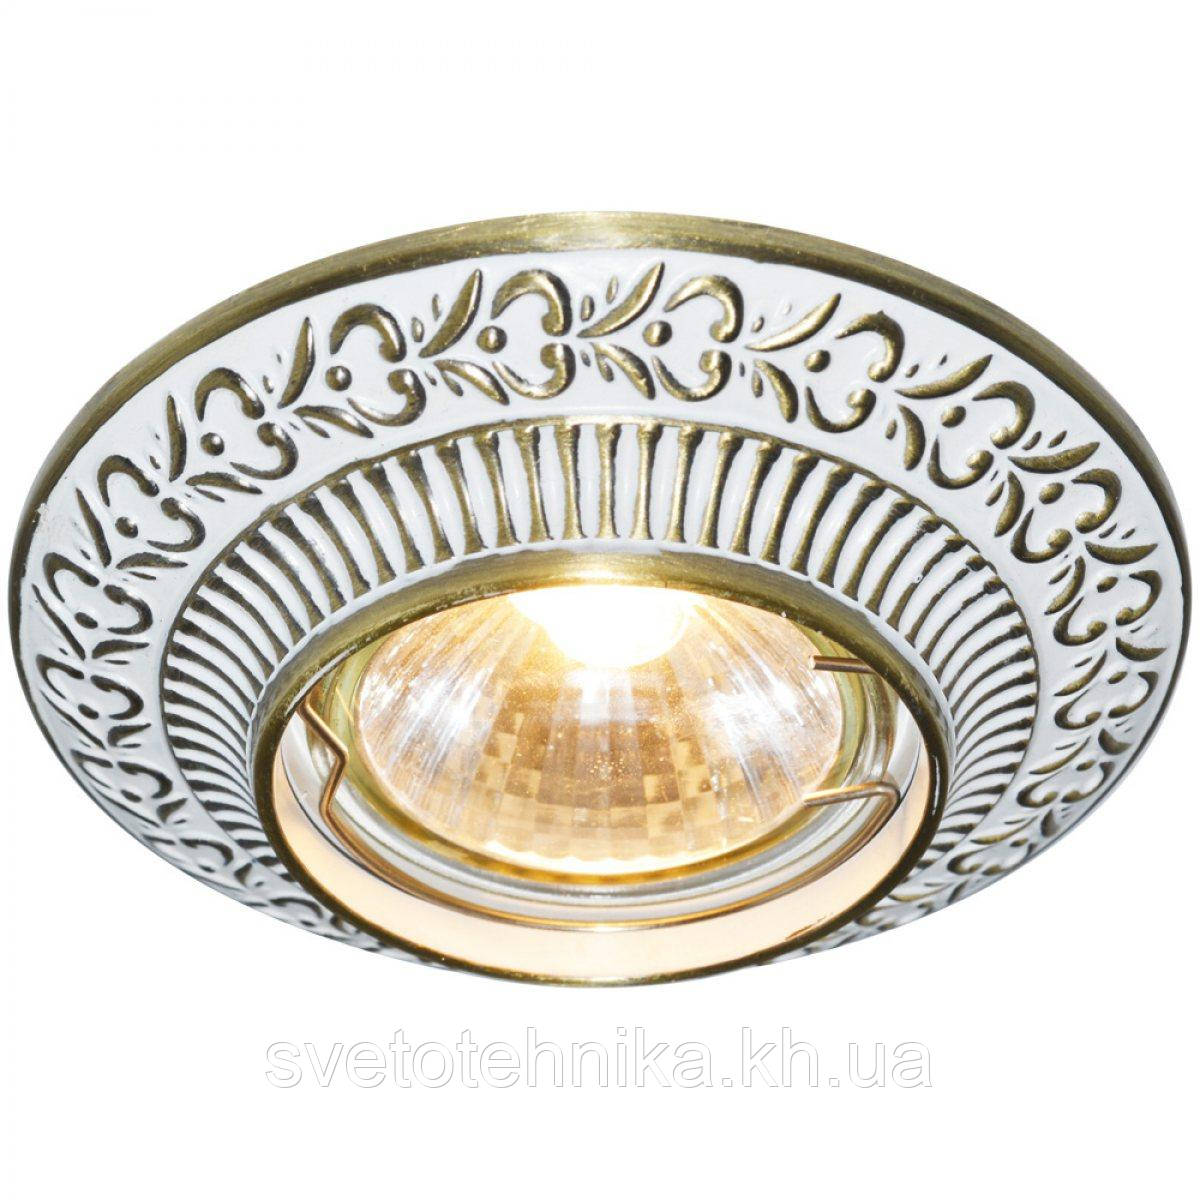 Встраиваемый светильник Feron DL6240 белый золото MR-16